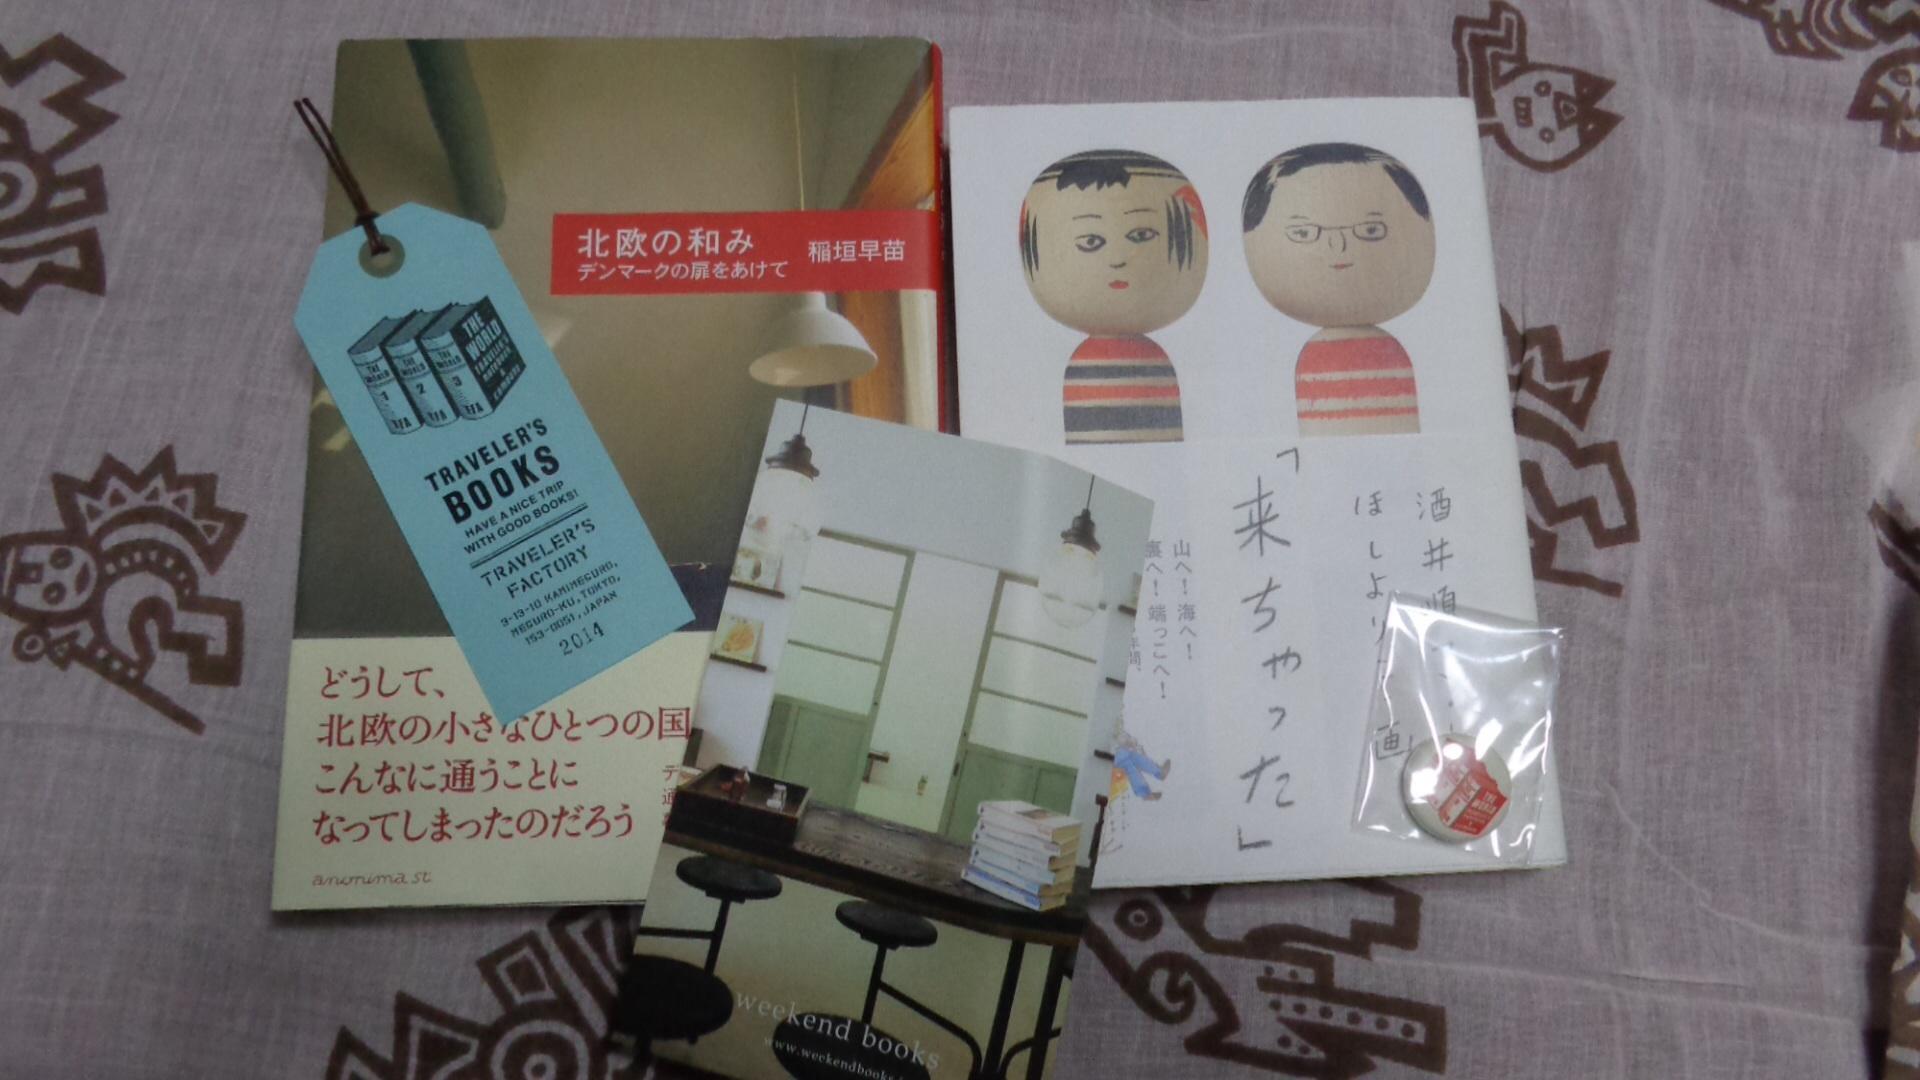 TRAVELER\'S BOOKS 読書月間イベントにて_a0025572_21480975.jpg